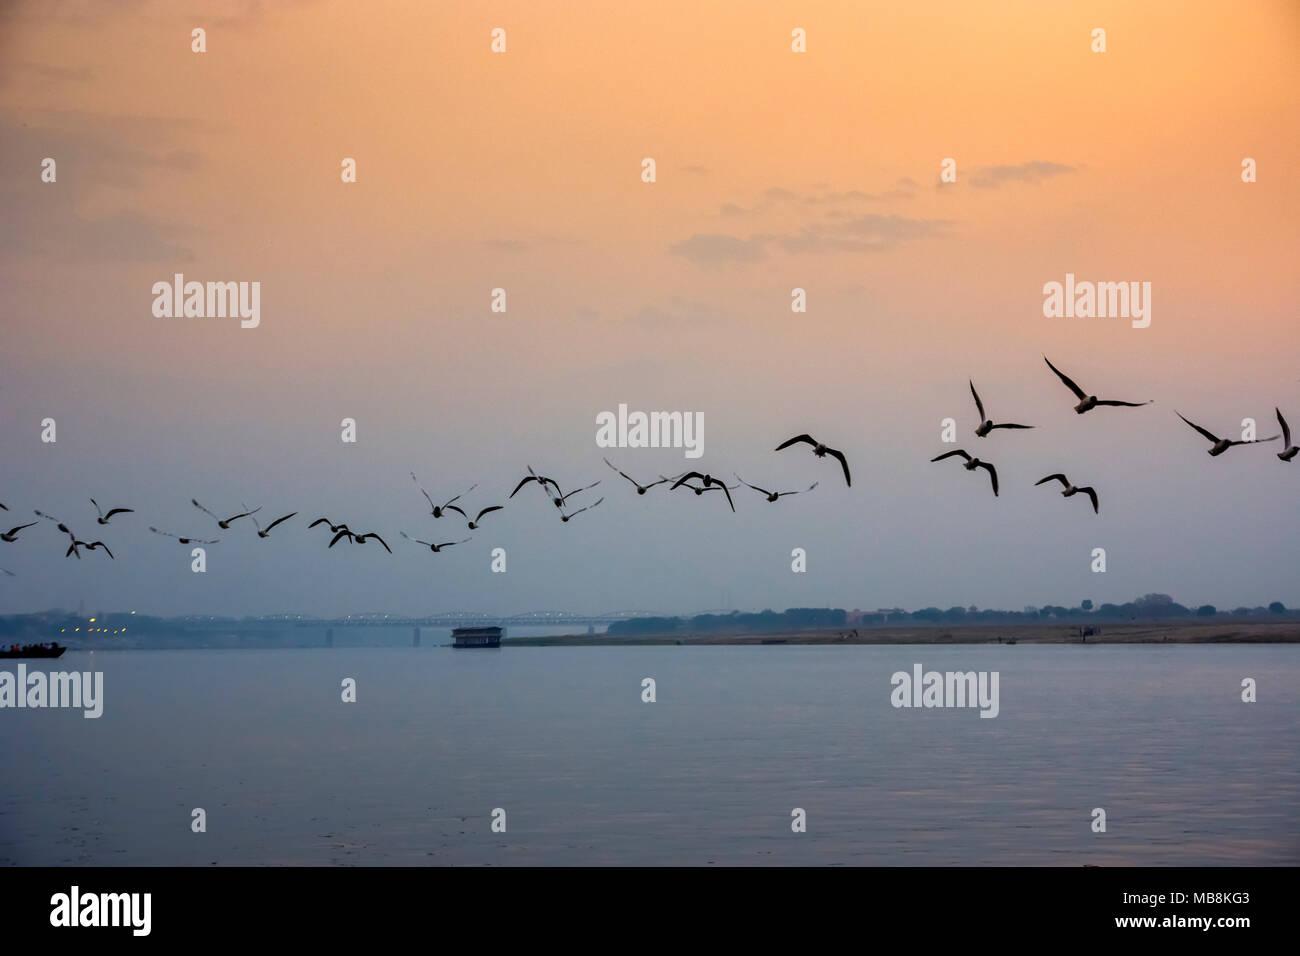 Un troupeau d'oiseaux mouches sur le Gange au coucher du soleil à Varanesi, Uttar Pradesh, Inde Photo Stock